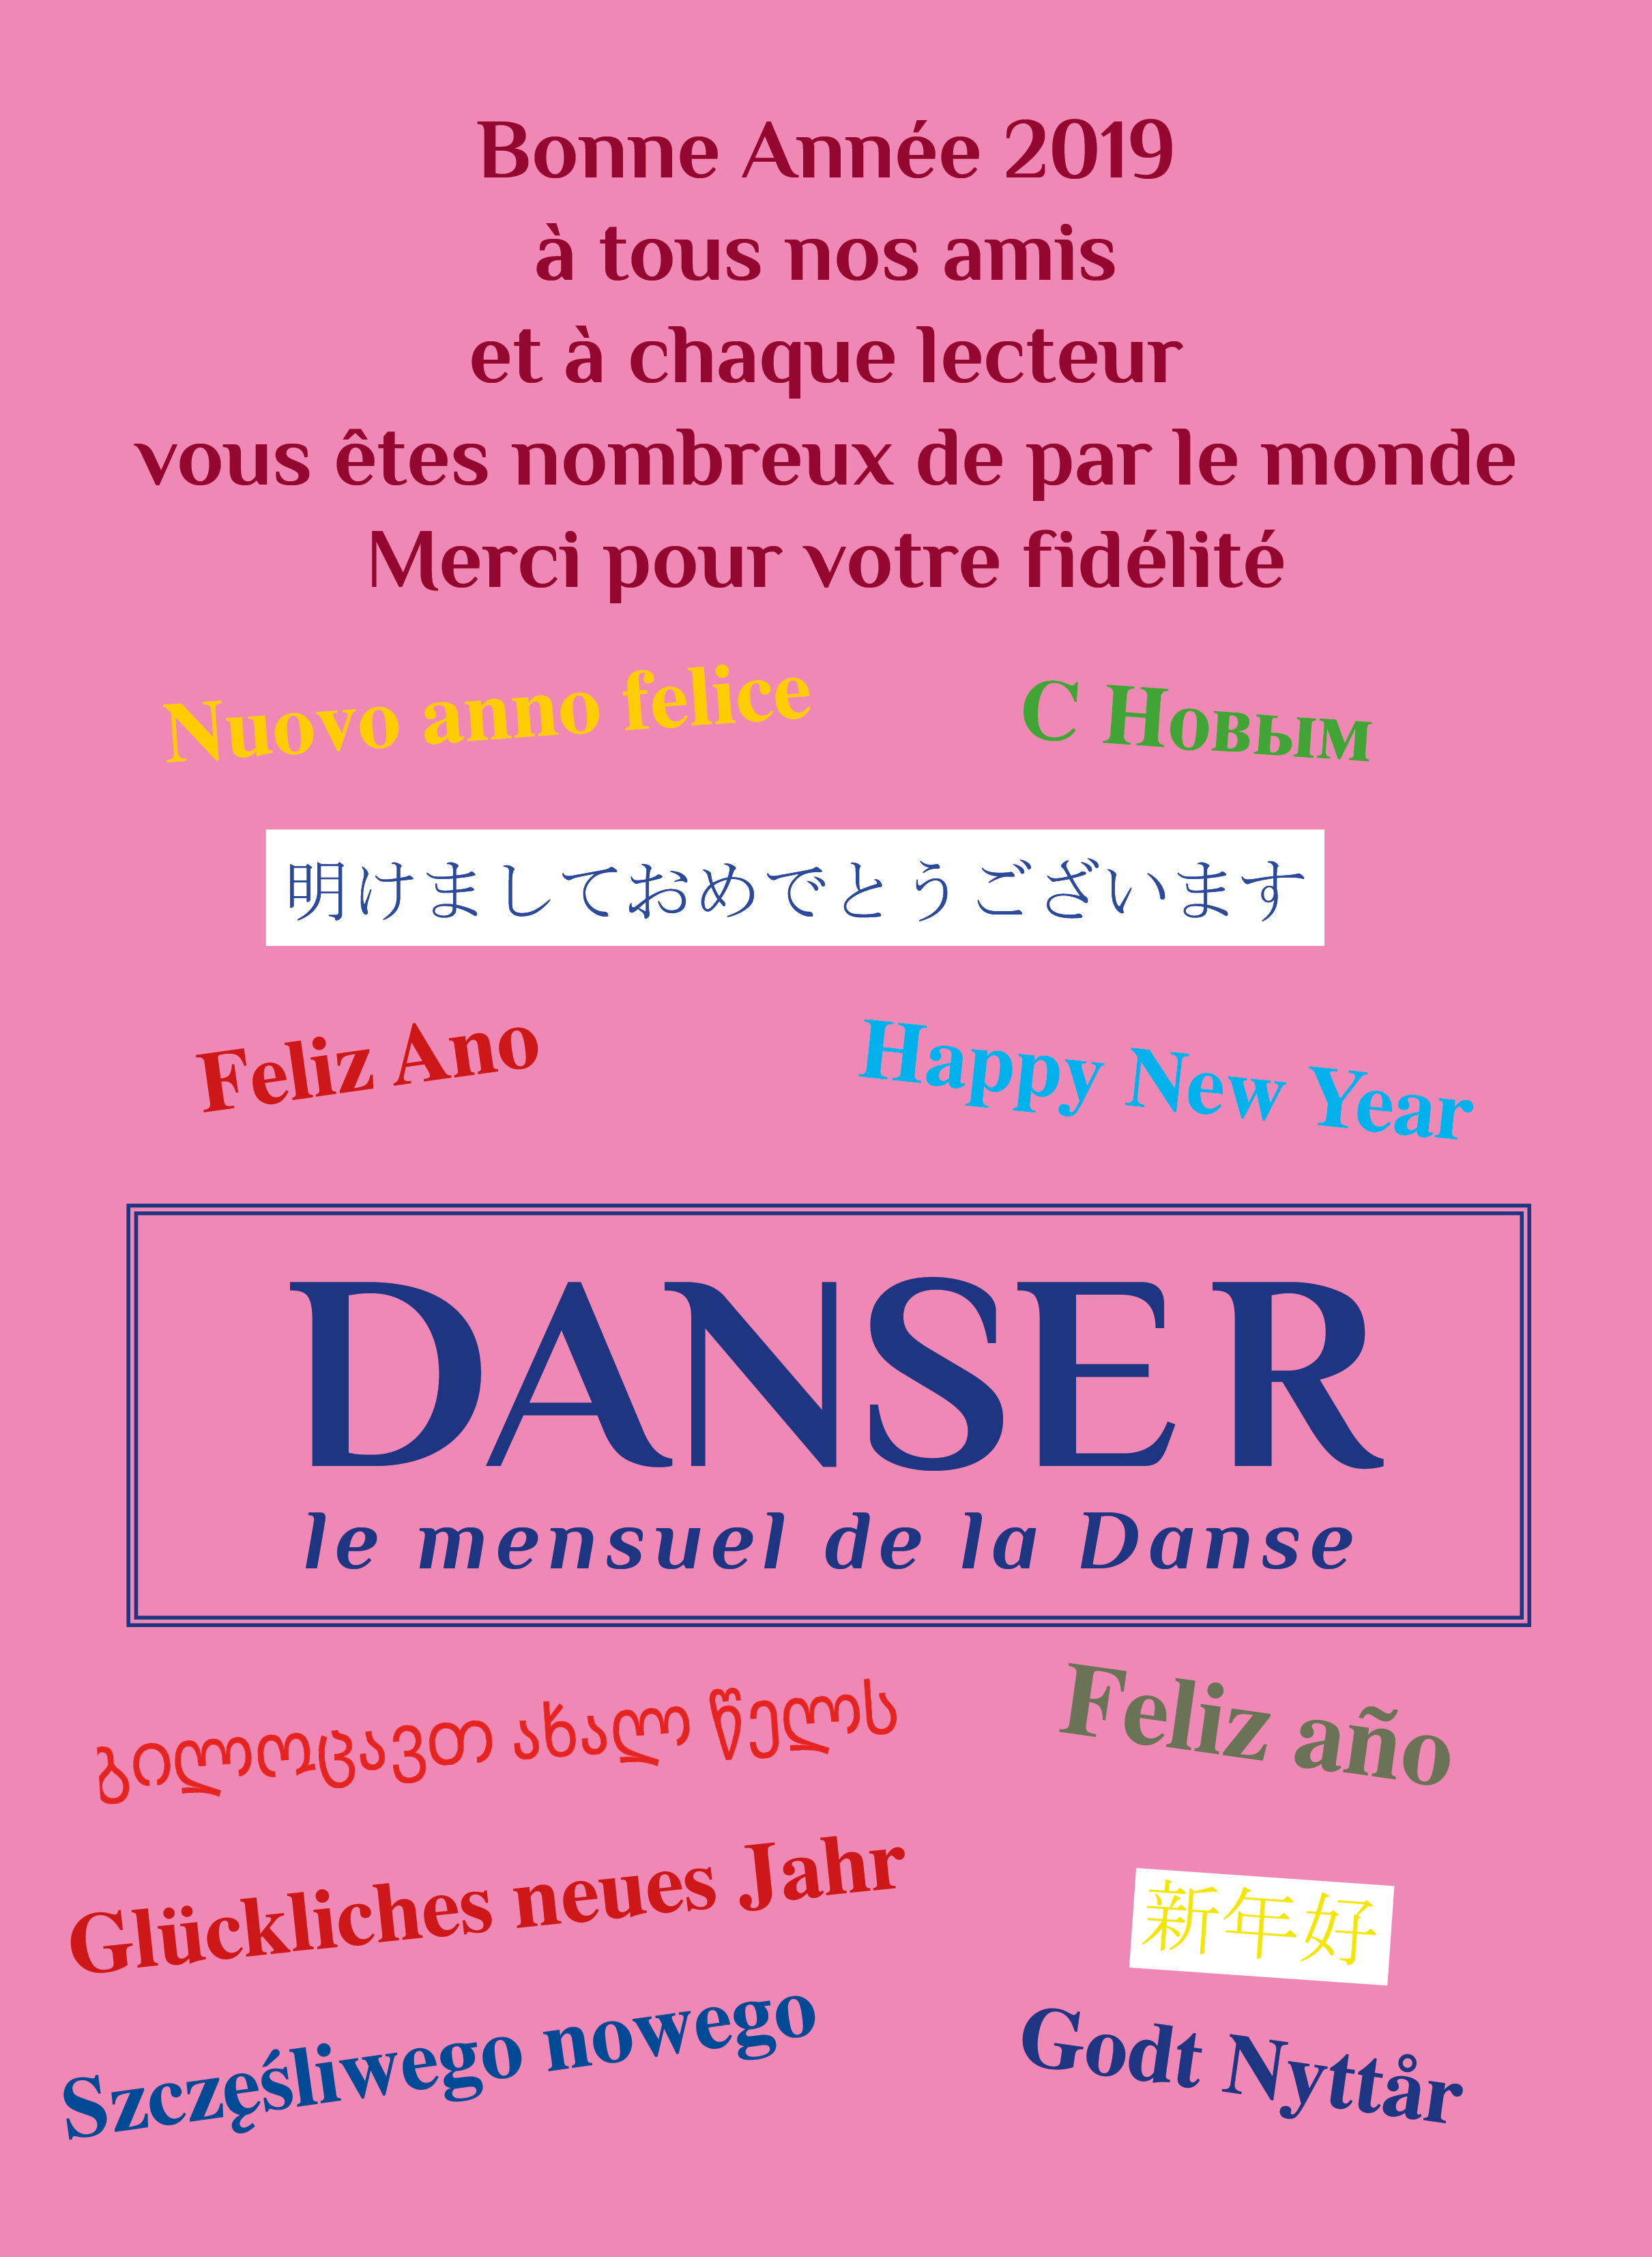 Bonne Année pleine de Danse à vous tous !